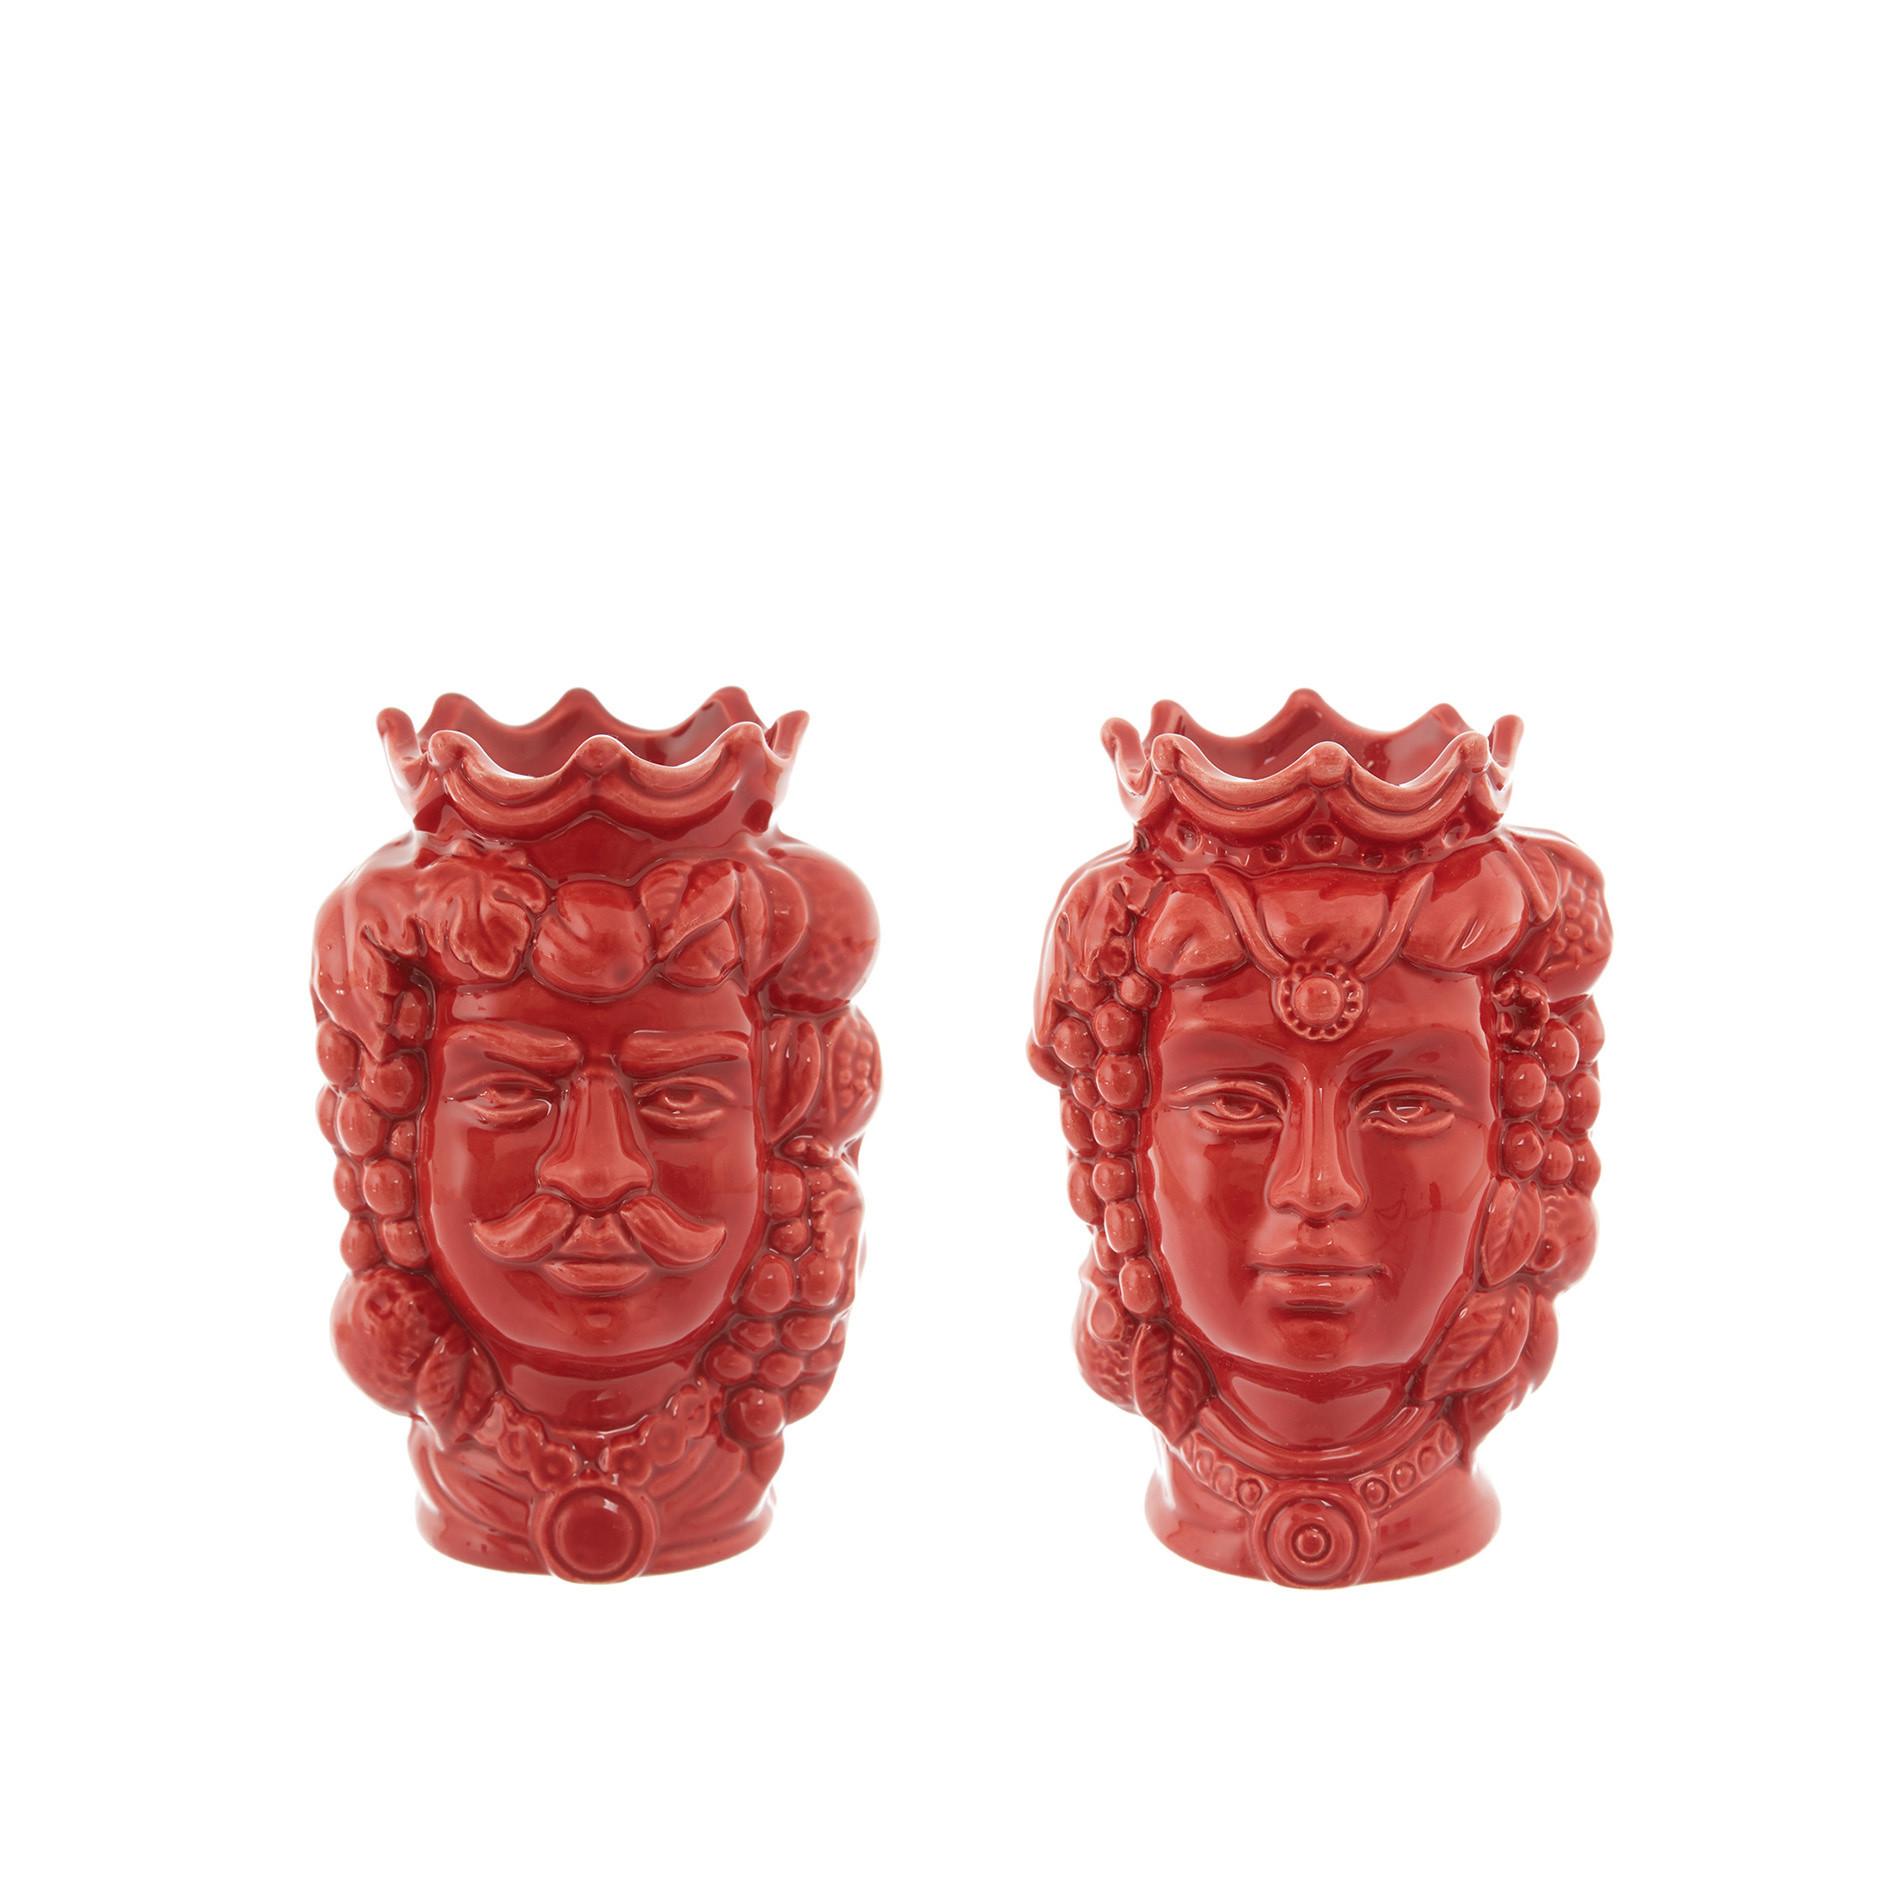 Testa di moro by Ceramiche Siciliane Ruggeri, Rosso, large image number 5